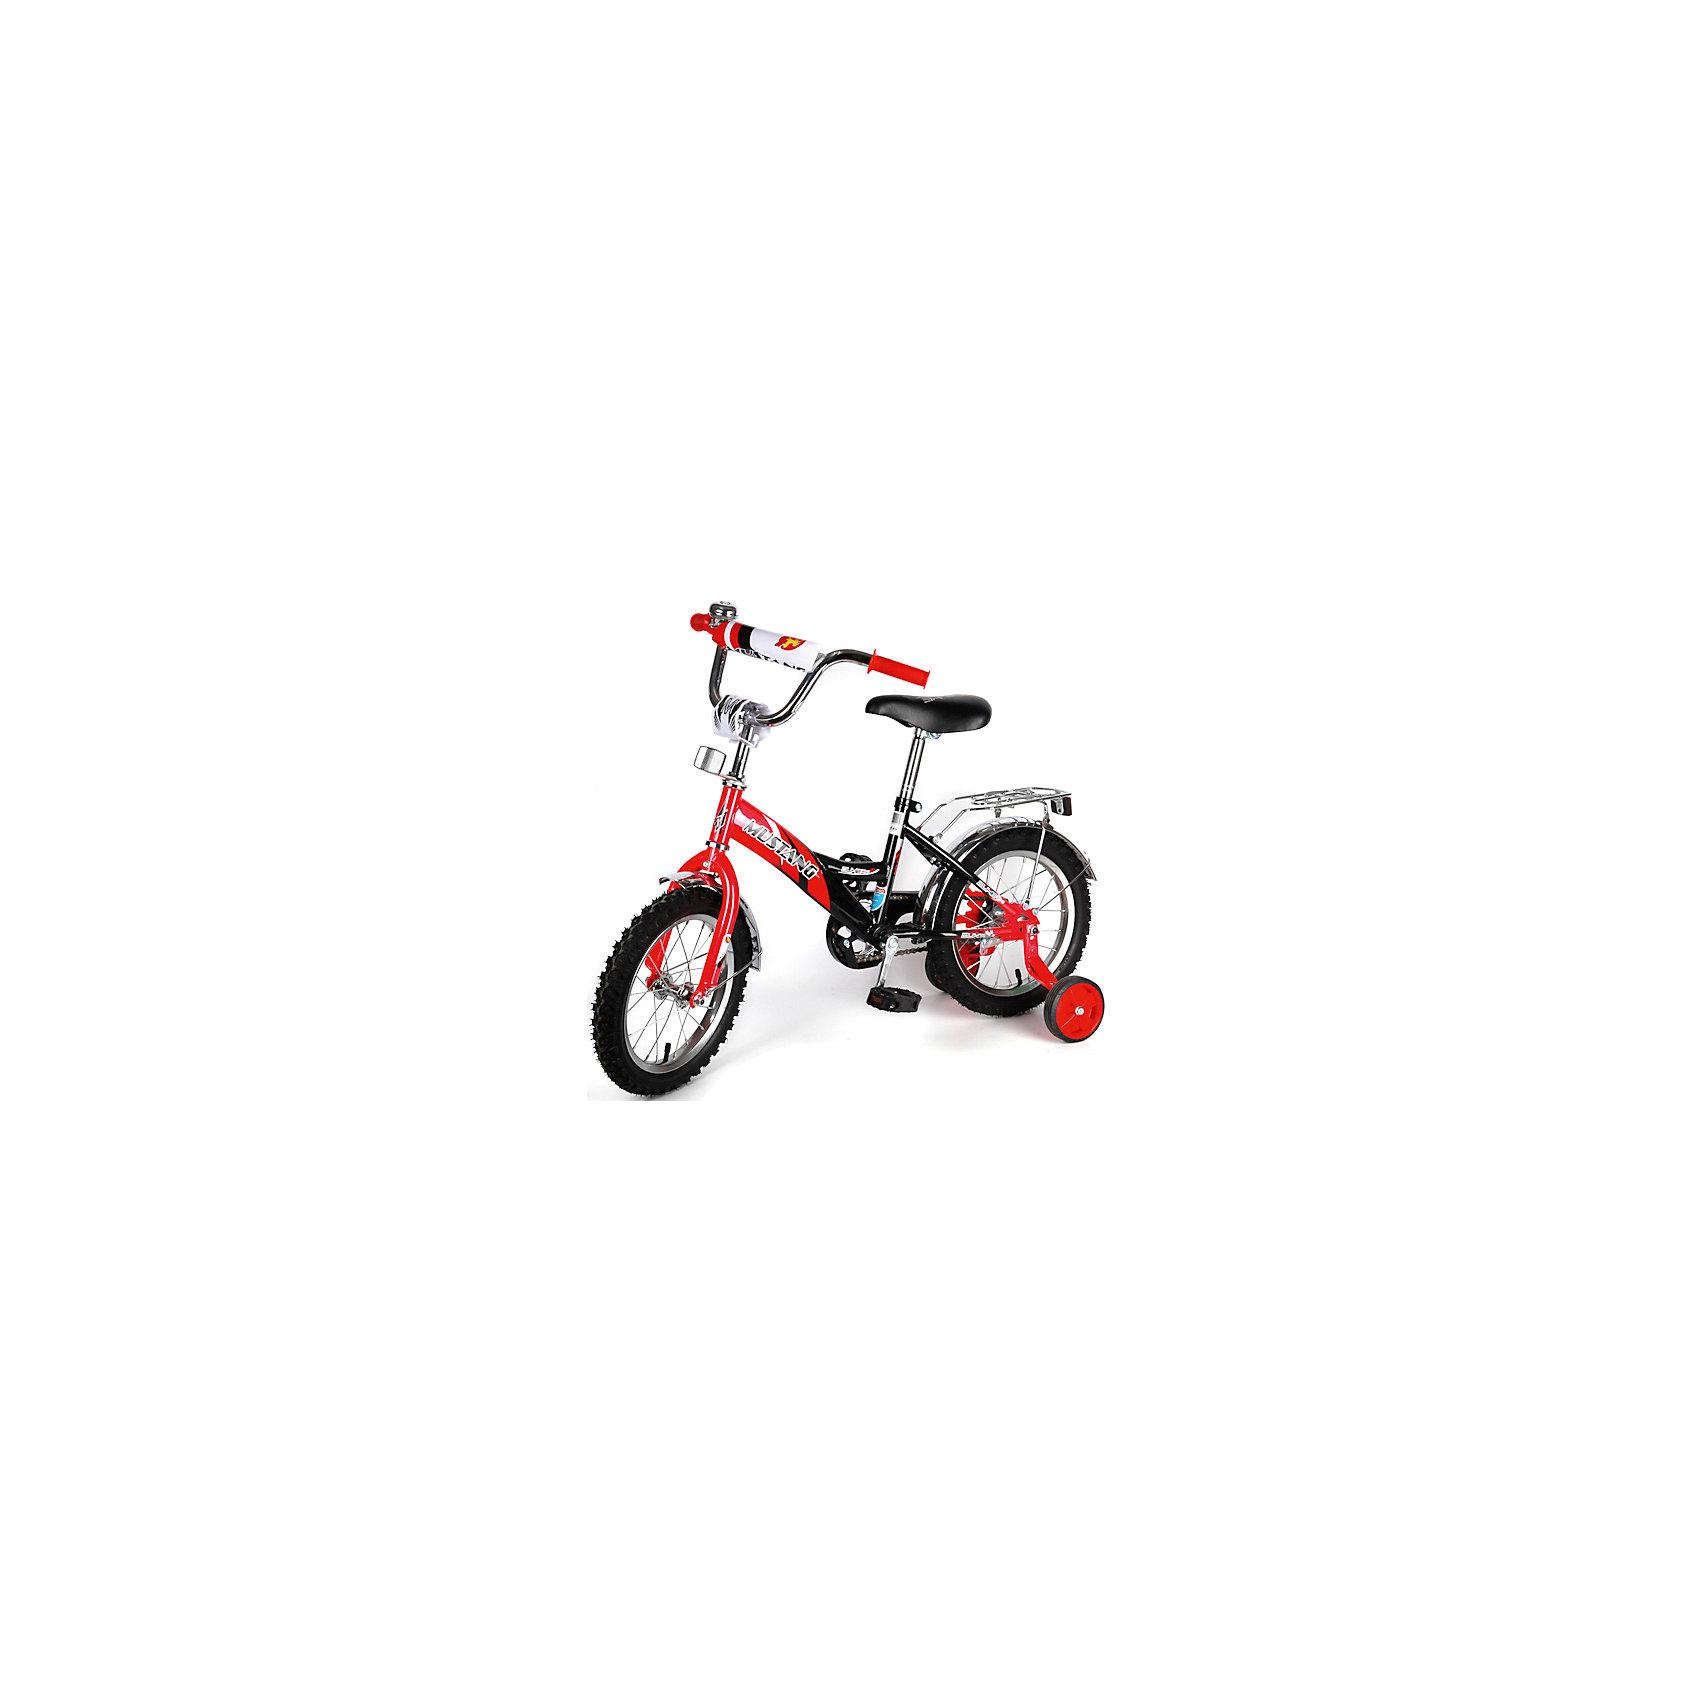 """Детский велосипед,  16,  красный/черный, MustangВелосипеды детские<br>Характеристики товара:<br><br>• цвет: красный, черный<br>• низкая рама<br>• диаметр колес: 40 см (16)<br>• 1 скорость<br>• задний ножной тормоз<br>• регулируемый хромированный руль BMX с защитной накладкой<br>• багажник<br>• звонок<br>• приставные пластиковые колеса с усиленным кронштейном<br>• усиленные хромированные крылья<br>• ограничитель поворота руля<br>• полная защита цепи """"Р"""" типа<br>• вес: 11,5 кг<br>• размер в собранном виде: 53х81х111 см<br>• допустимый вес: до 40 кг<br>• рекомендуемый возраст: от 3 лет<br><br>Ширина мм: 530<br>Глубина мм: 810<br>Высота мм: 1110<br>Вес г: 11500<br>Возраст от месяцев: 36<br>Возраст до месяцев: 84<br>Пол: Унисекс<br>Возраст: Детский<br>SKU: 5526394"""